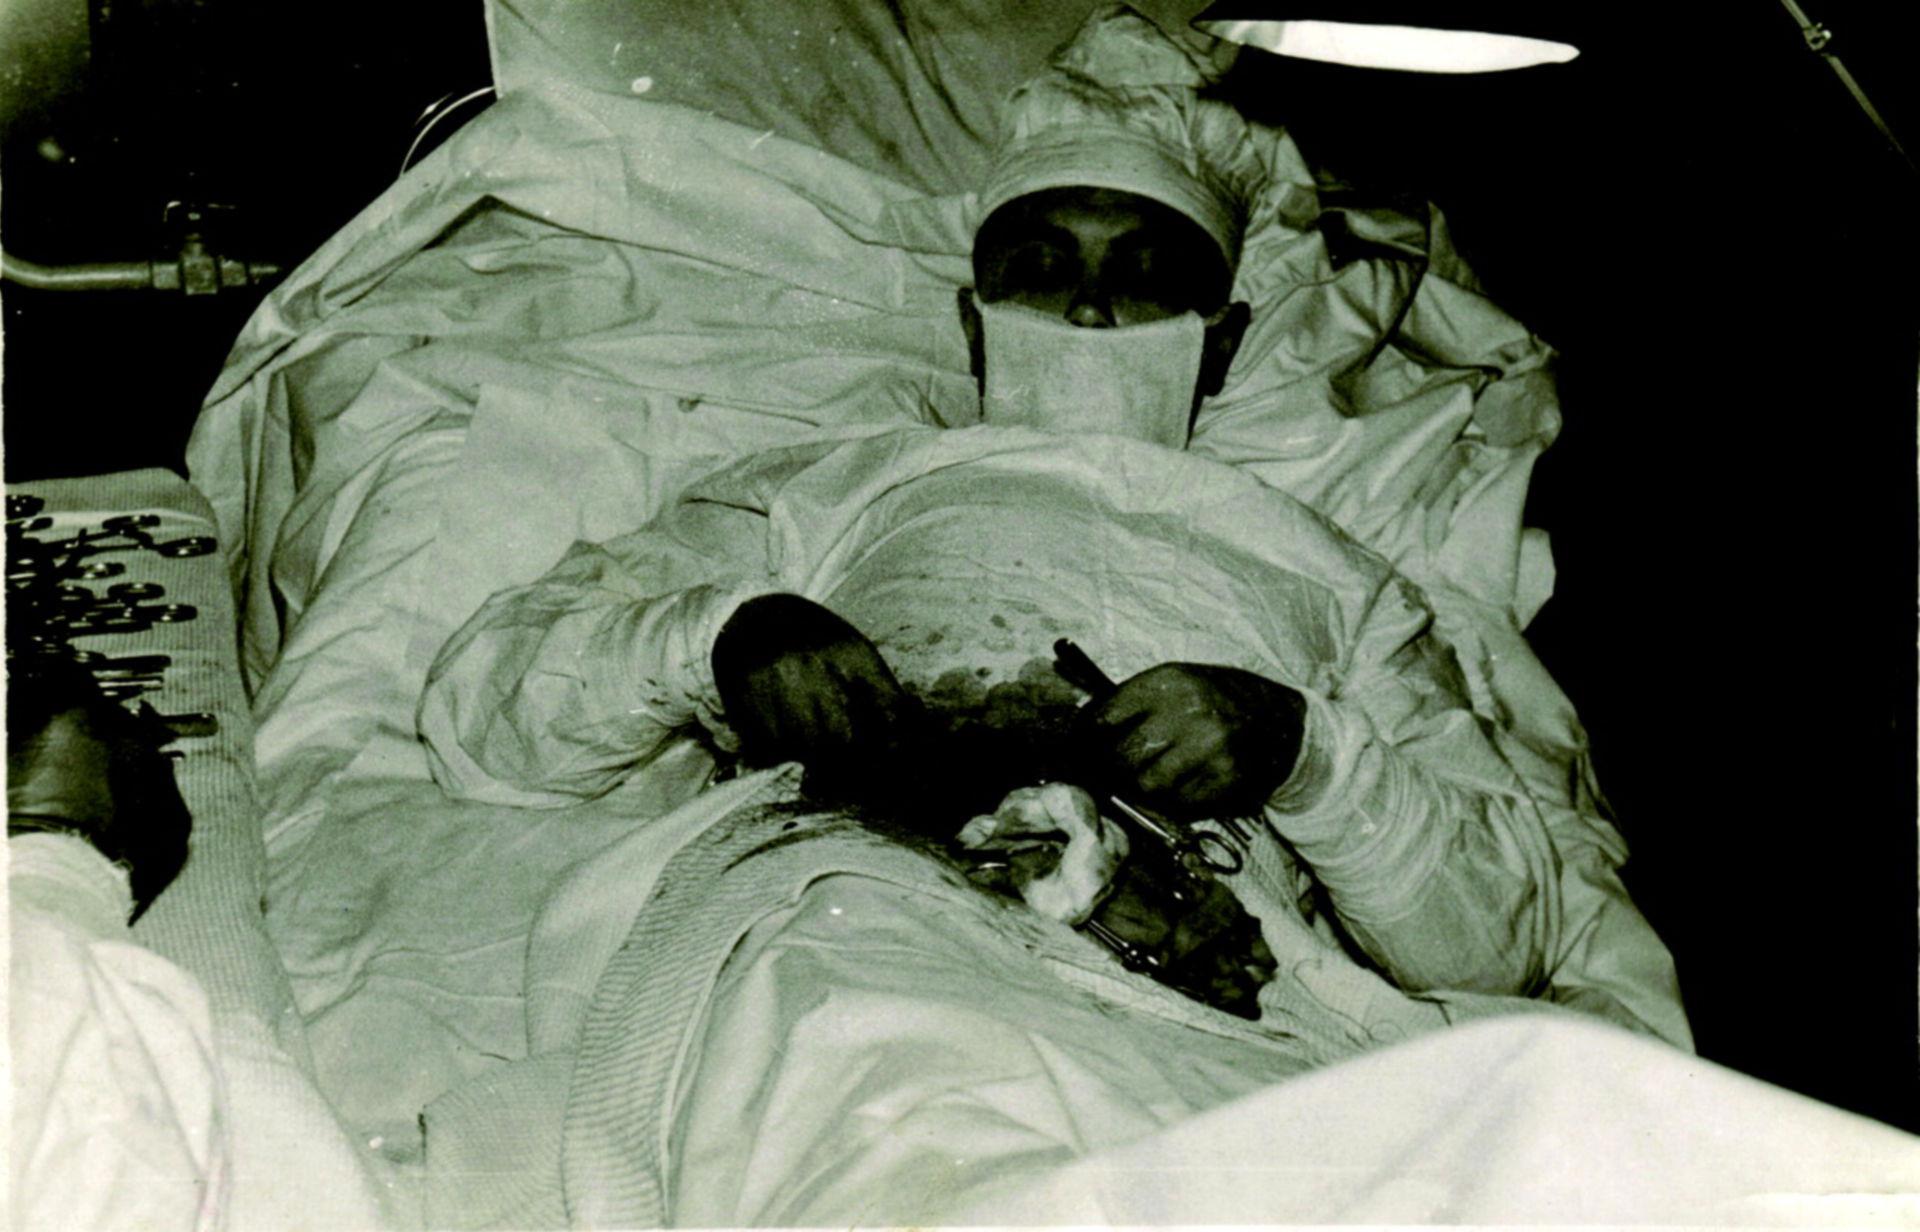 Chirurg entfernt seinen eigenen Blinddarm (Antarktis, 1961)